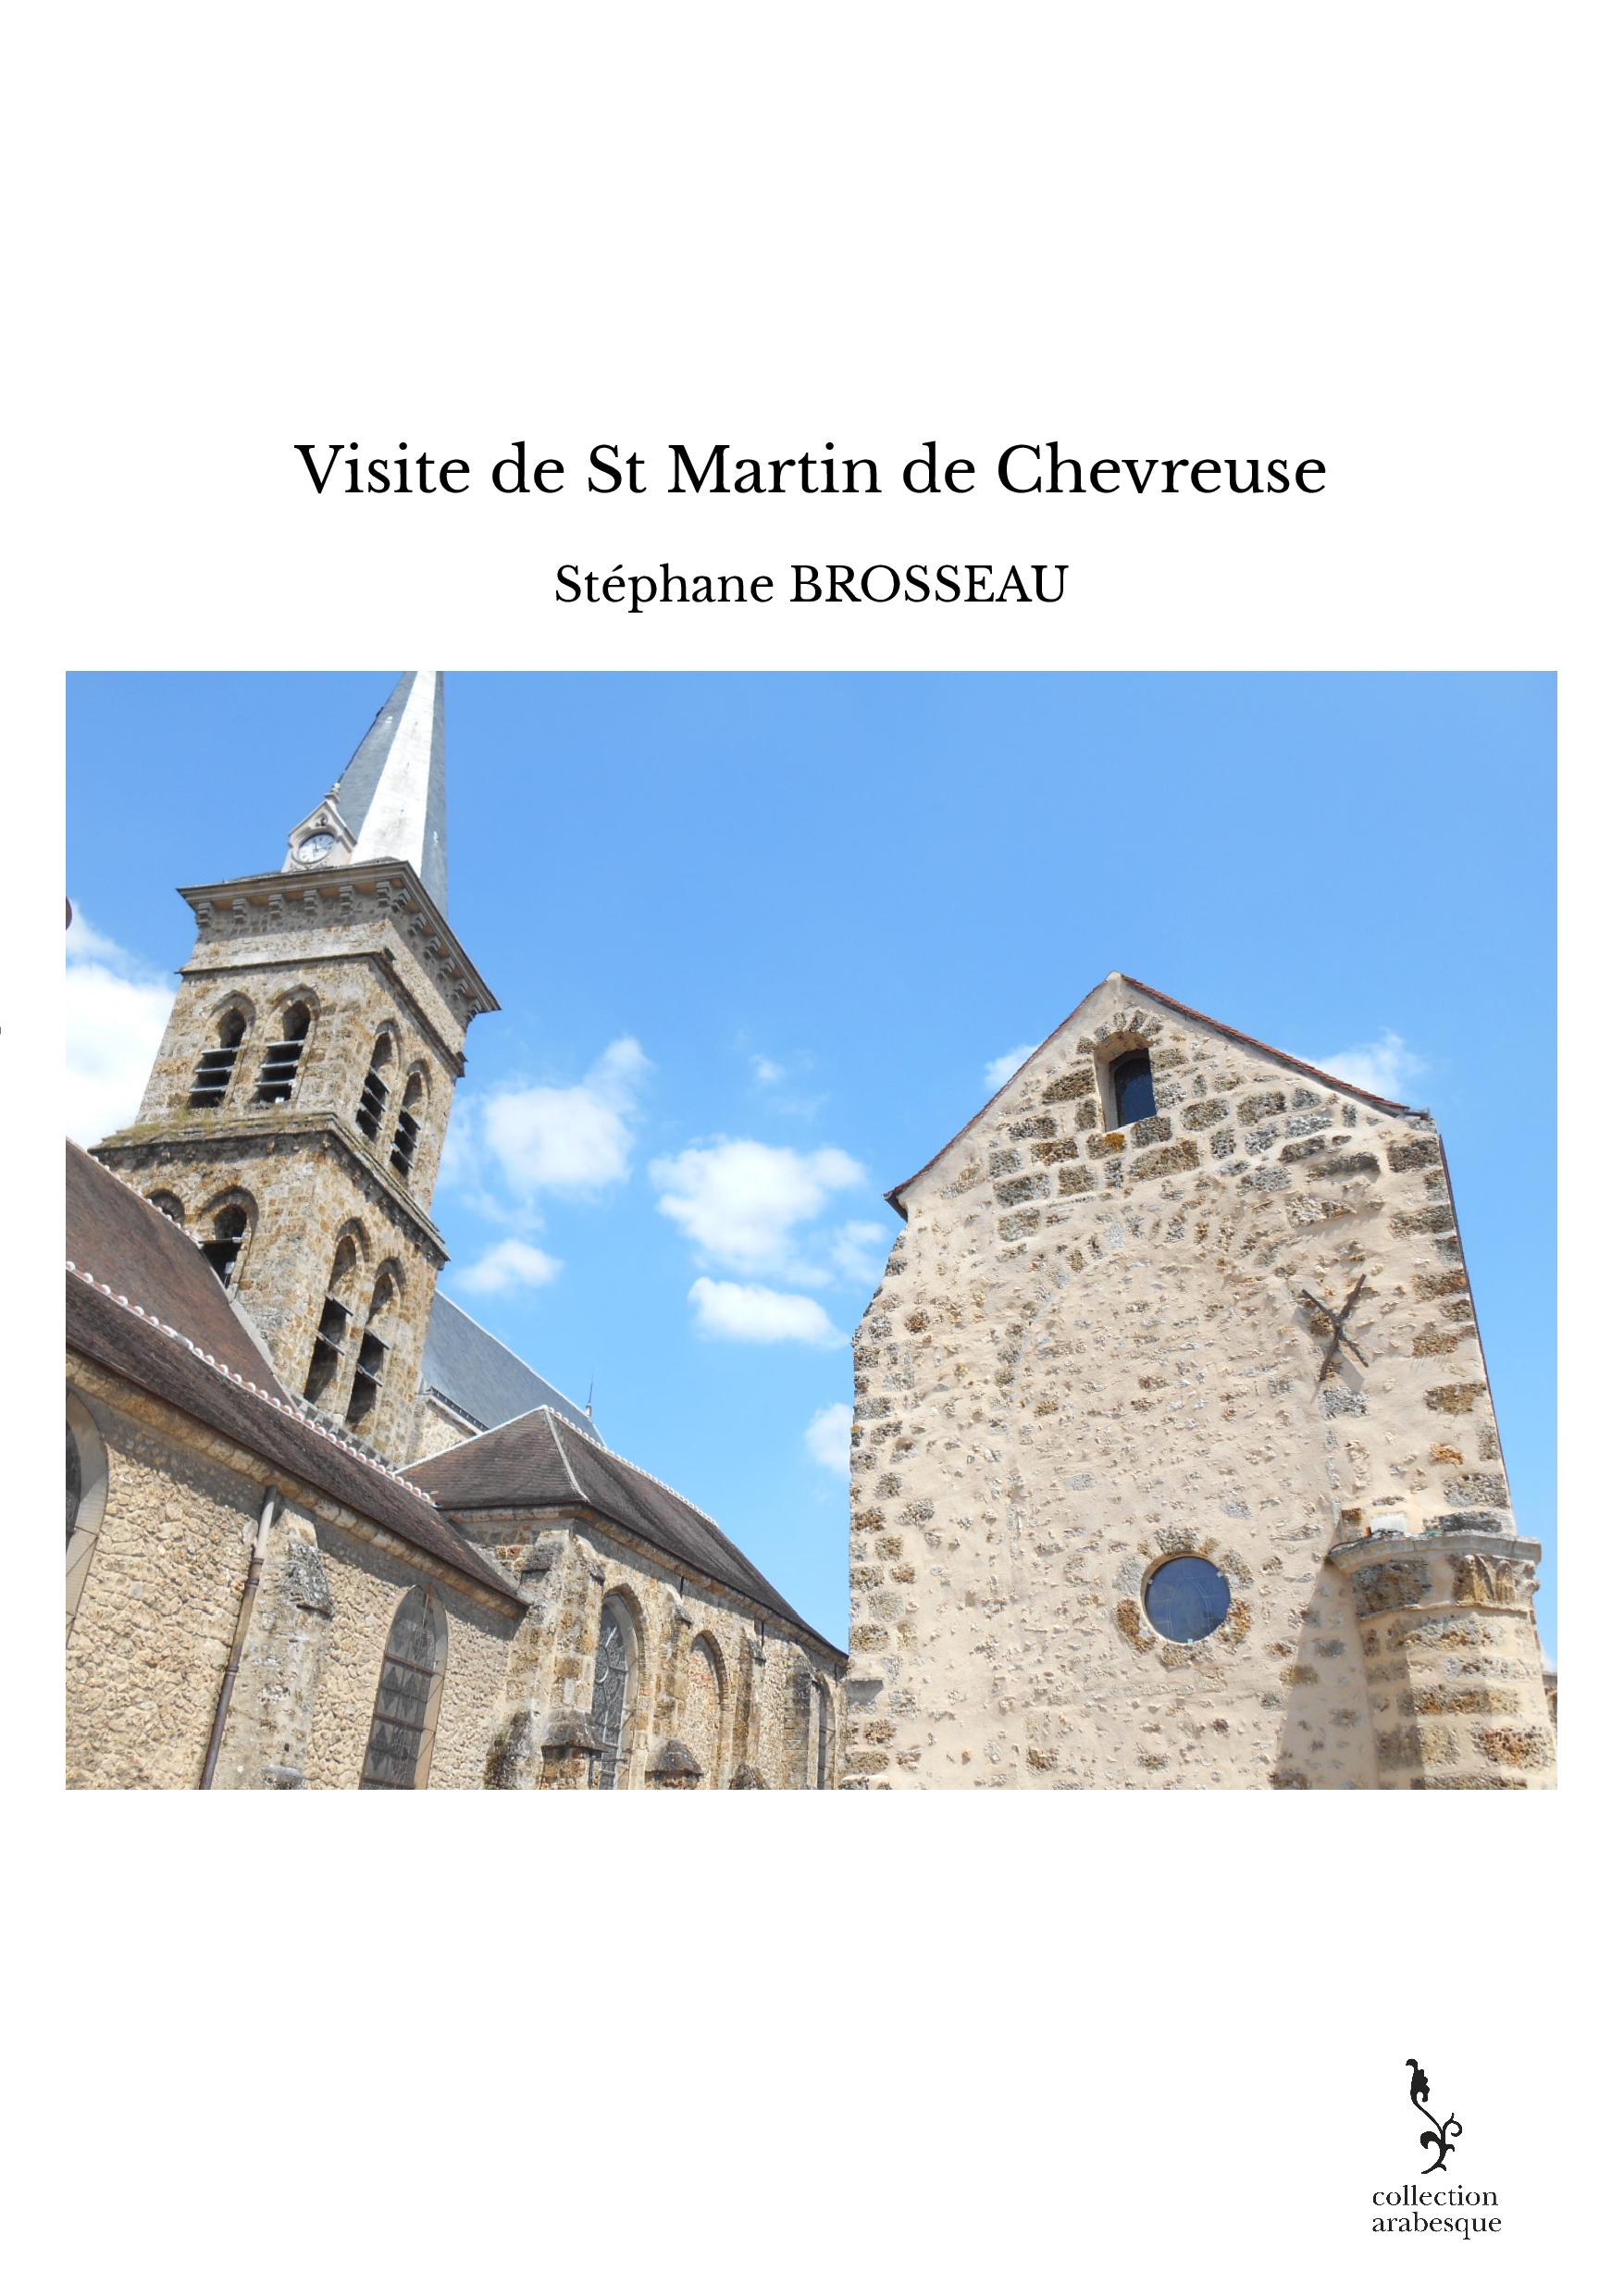 Visite de St Martin de Chevreuse